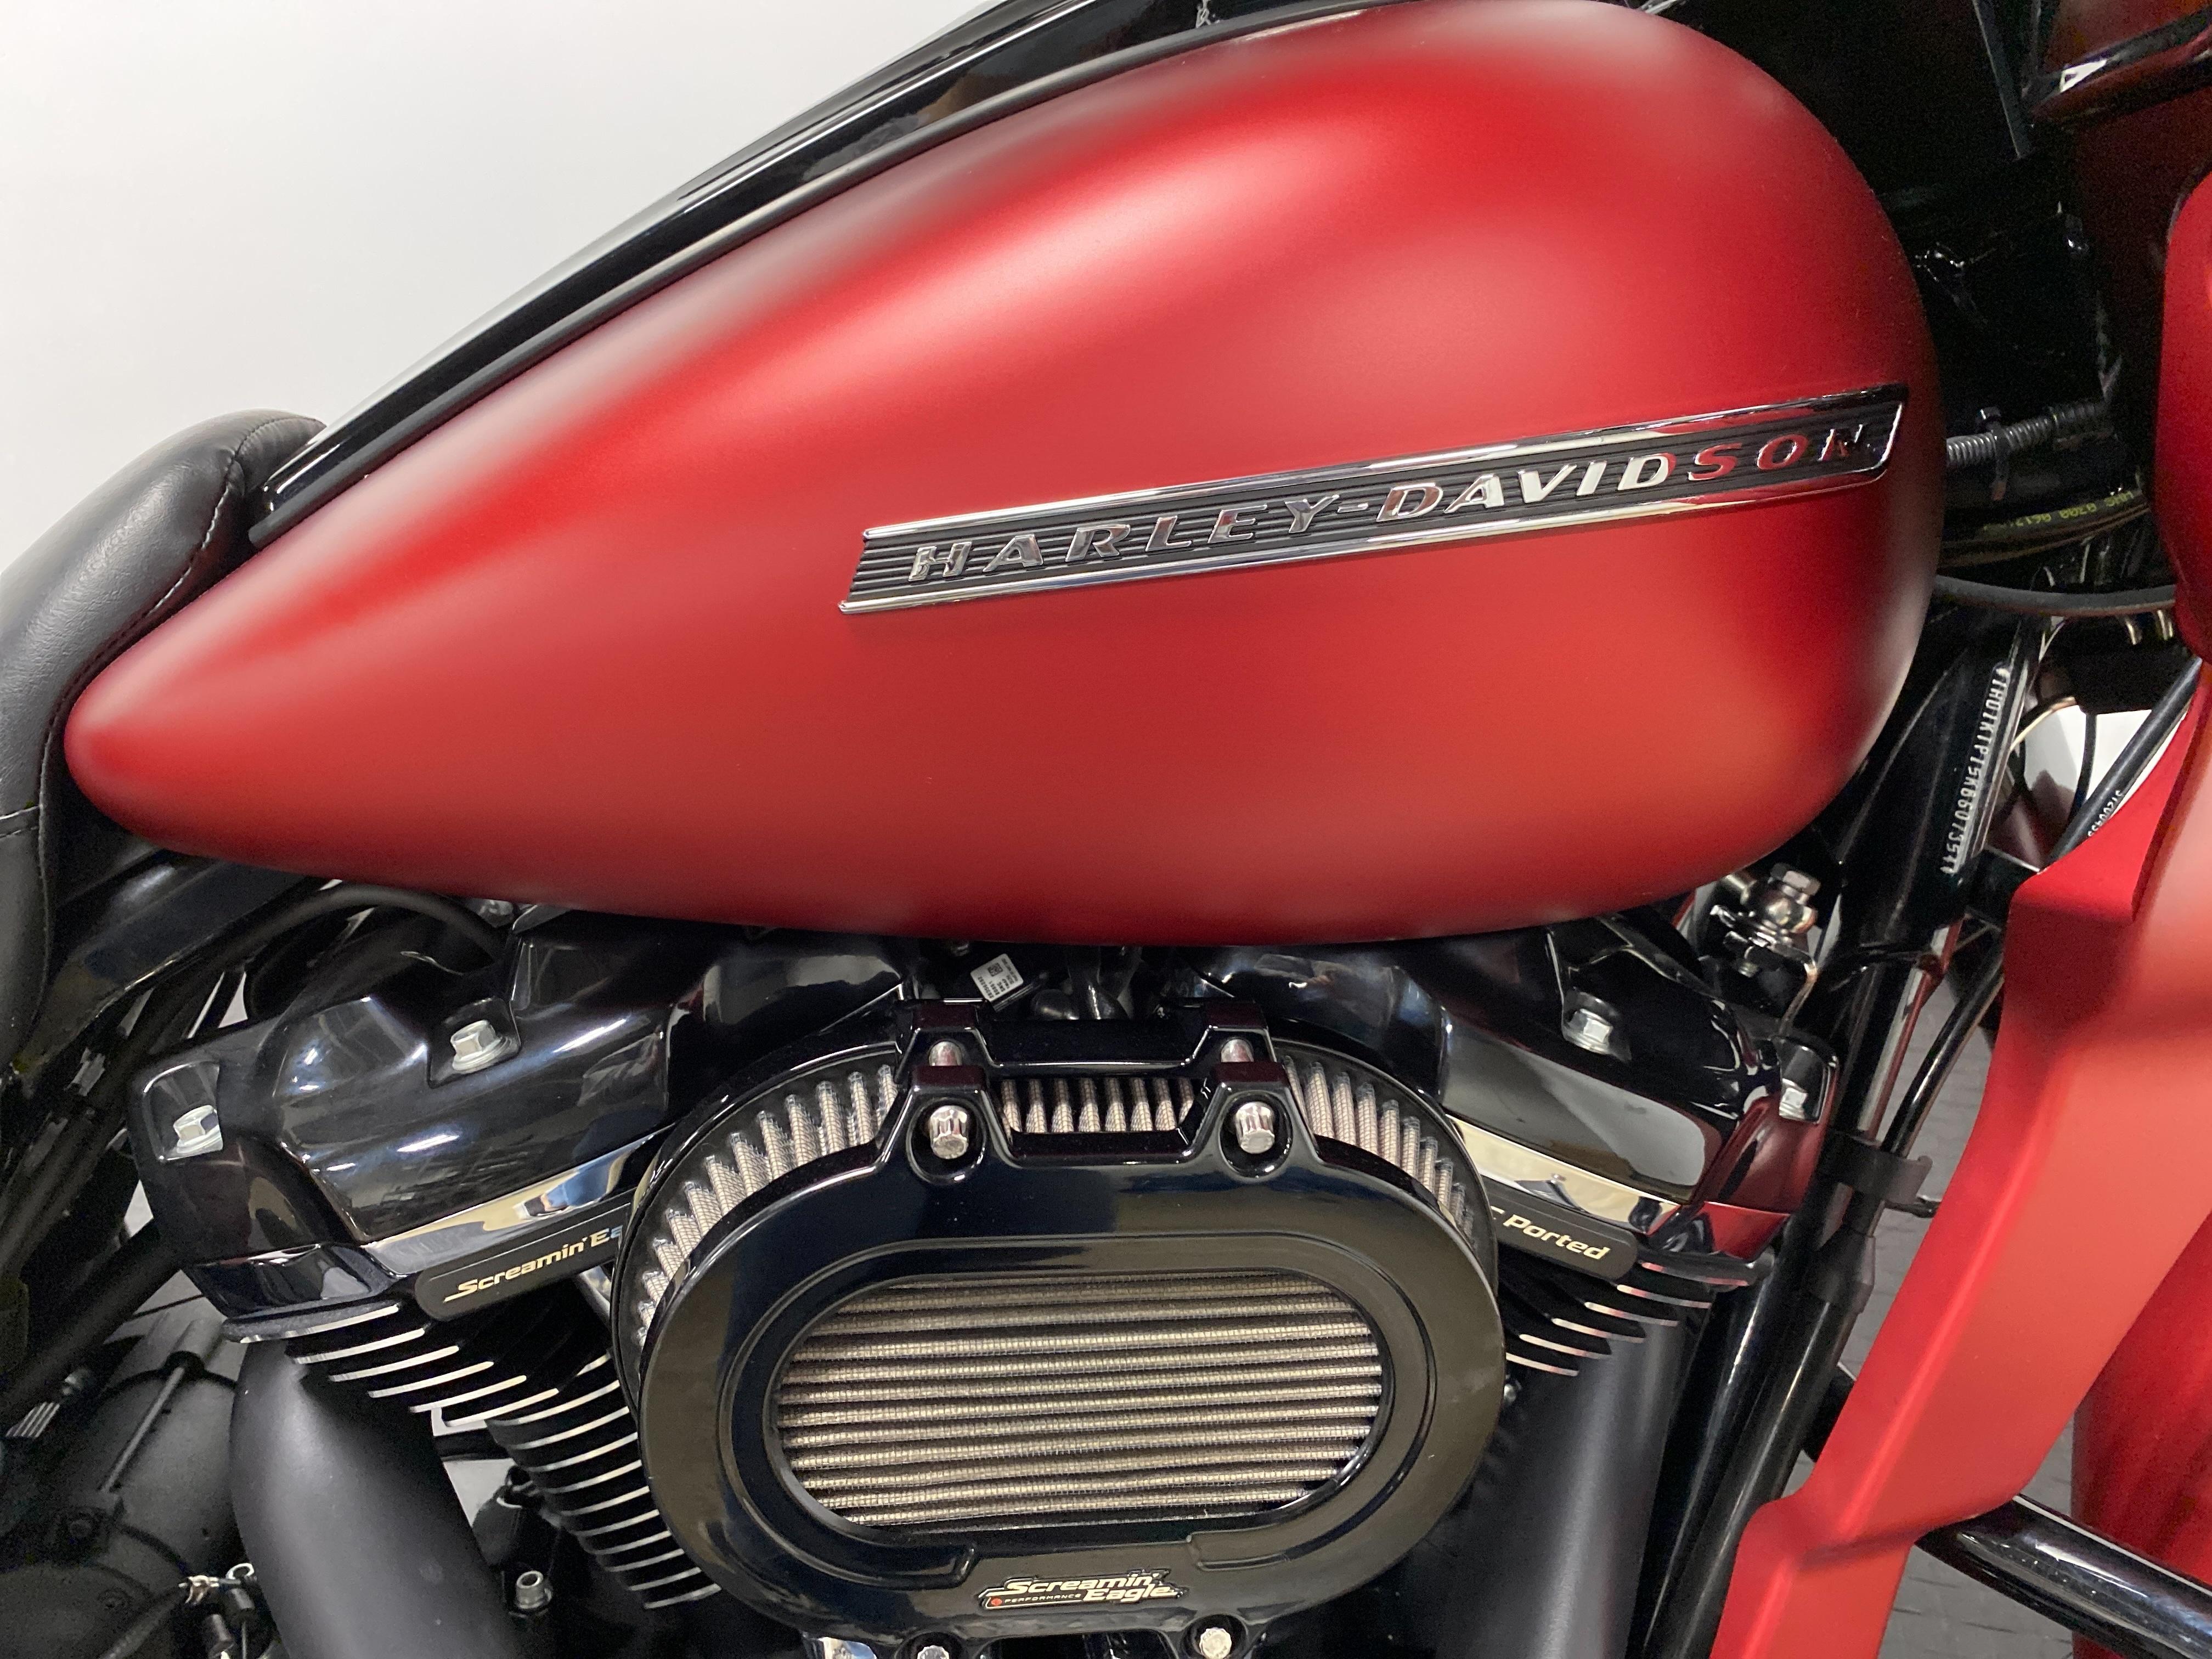 2019 Harley-Davidson FLTRXS at Cannonball Harley-Davidson